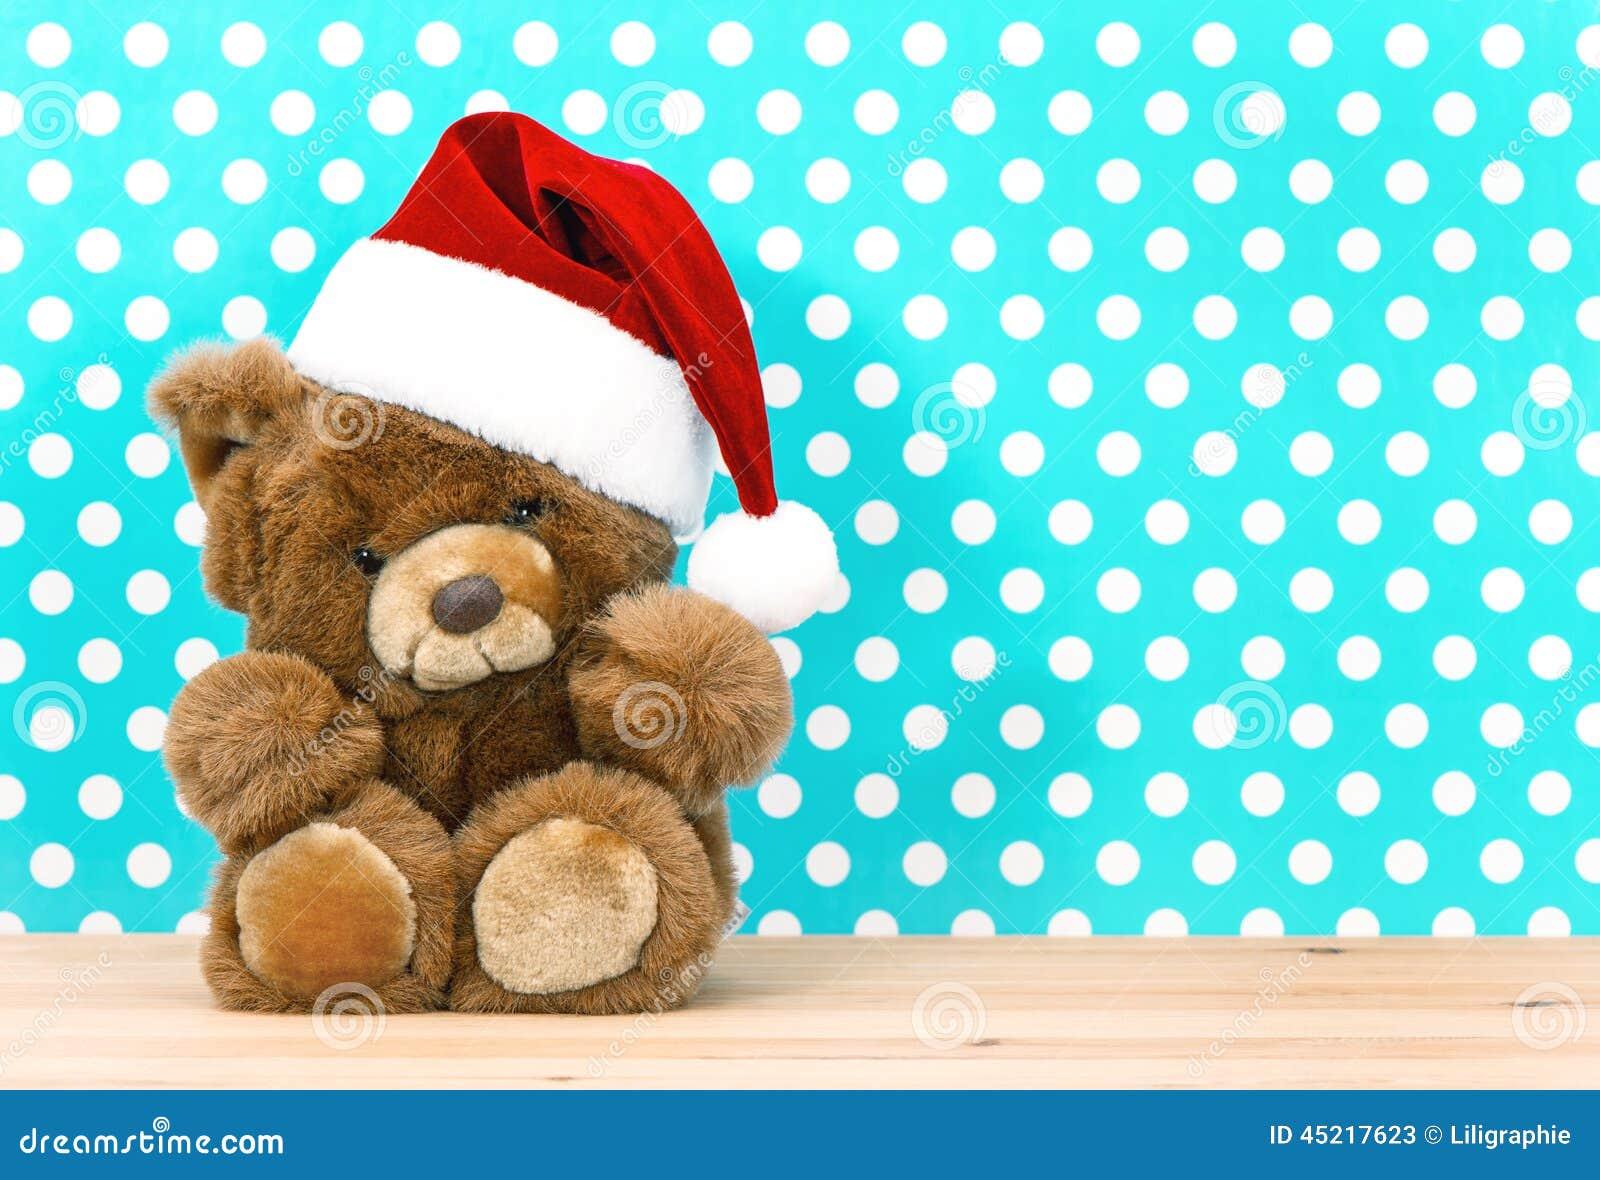 Nallebjörn med jultomten hatt julen dekorerar nya home idéer för garnering till